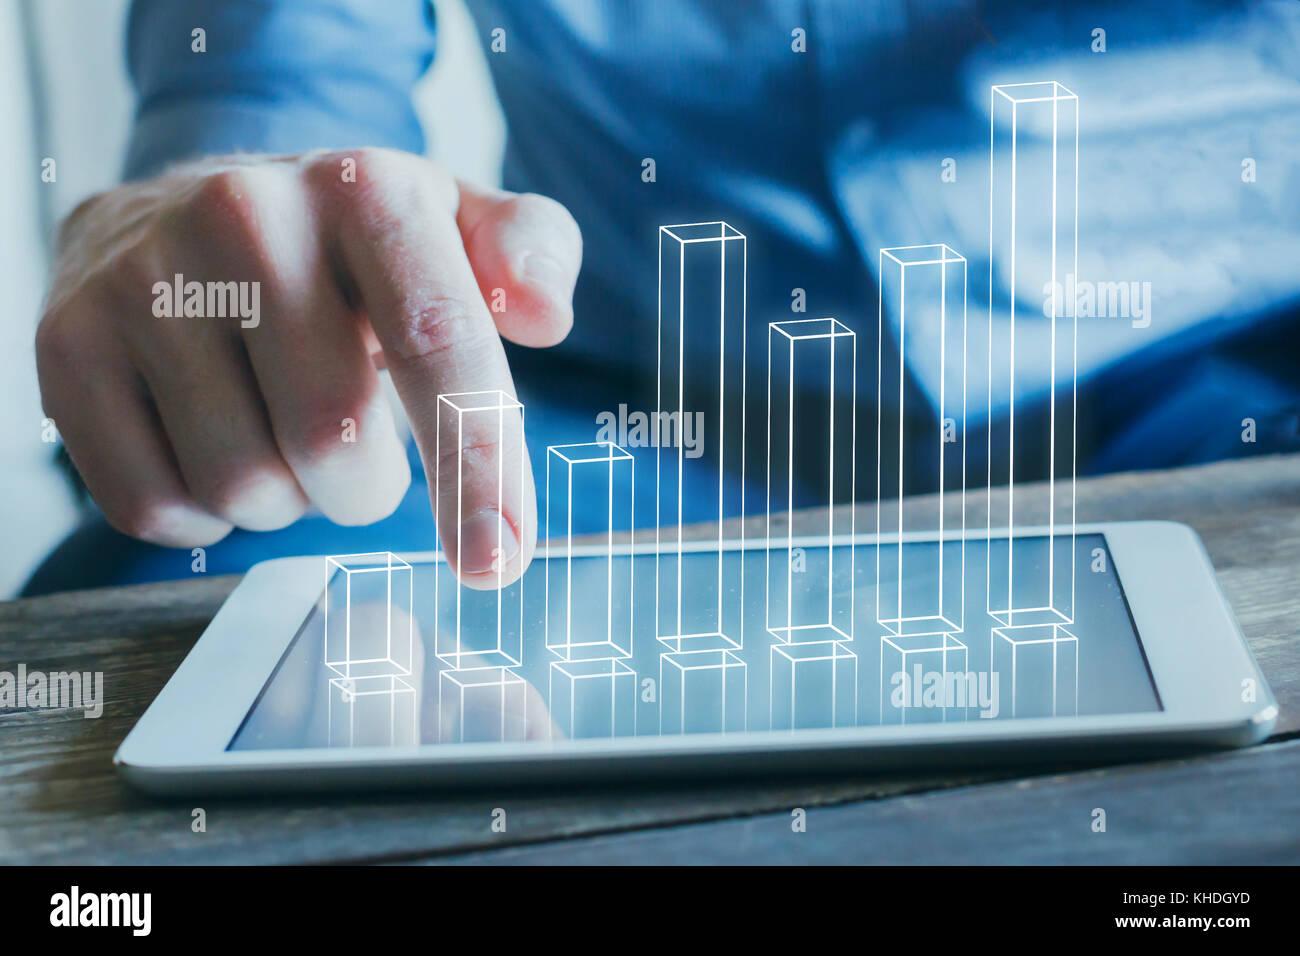 L'analyse commerciale et financière, technologie concept graphique 3D à partir de l'écran de l'ordinateur tablette numérique Banque D'Images